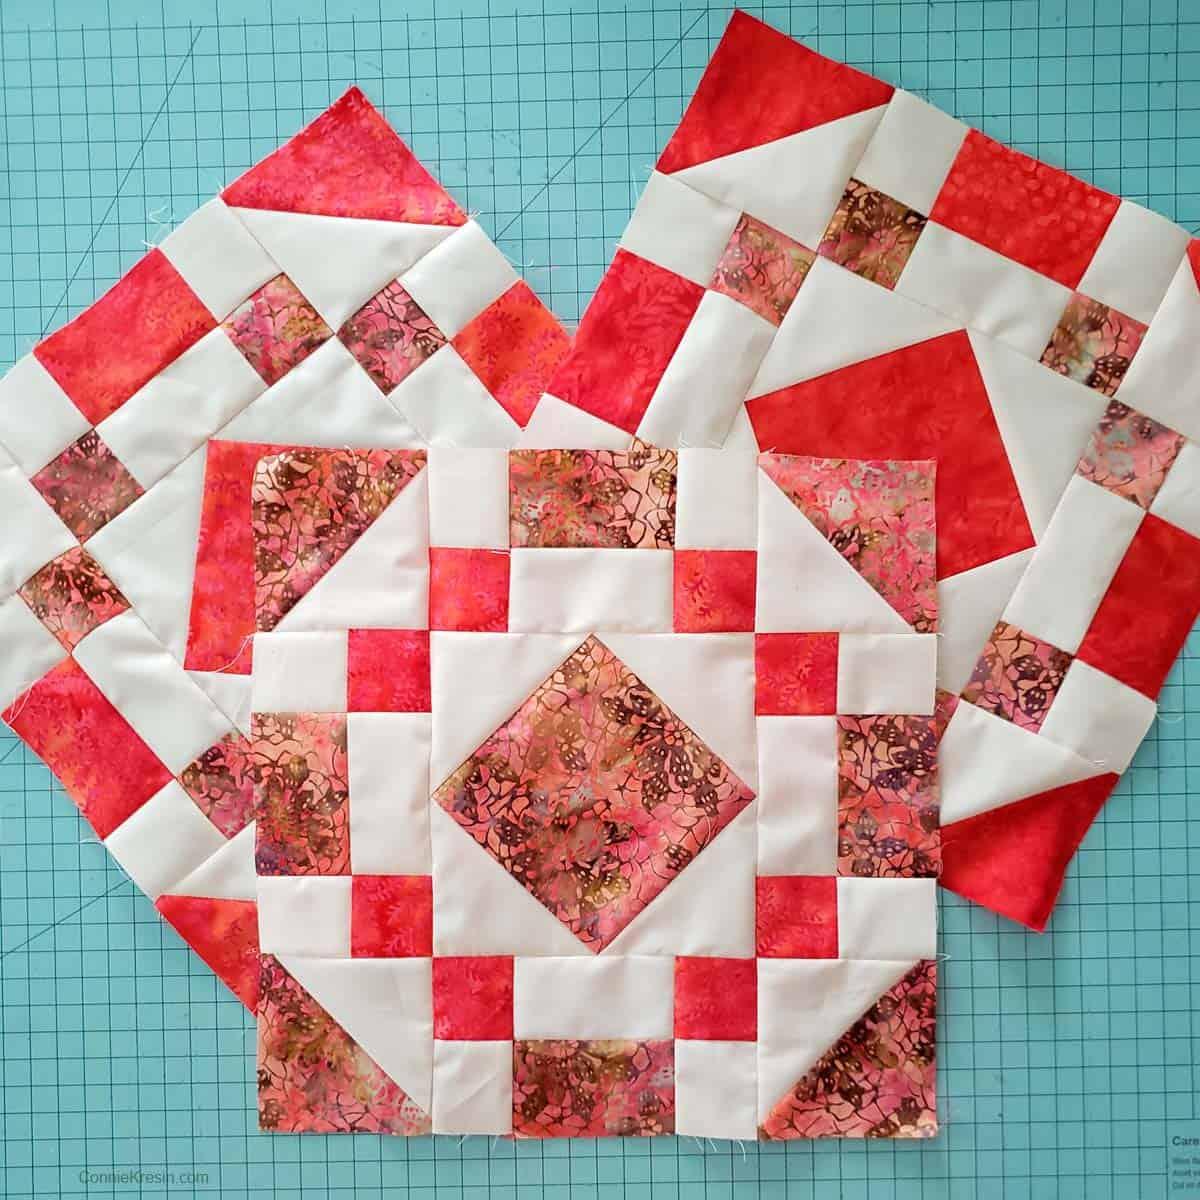 Sew three jewel quilt blocks